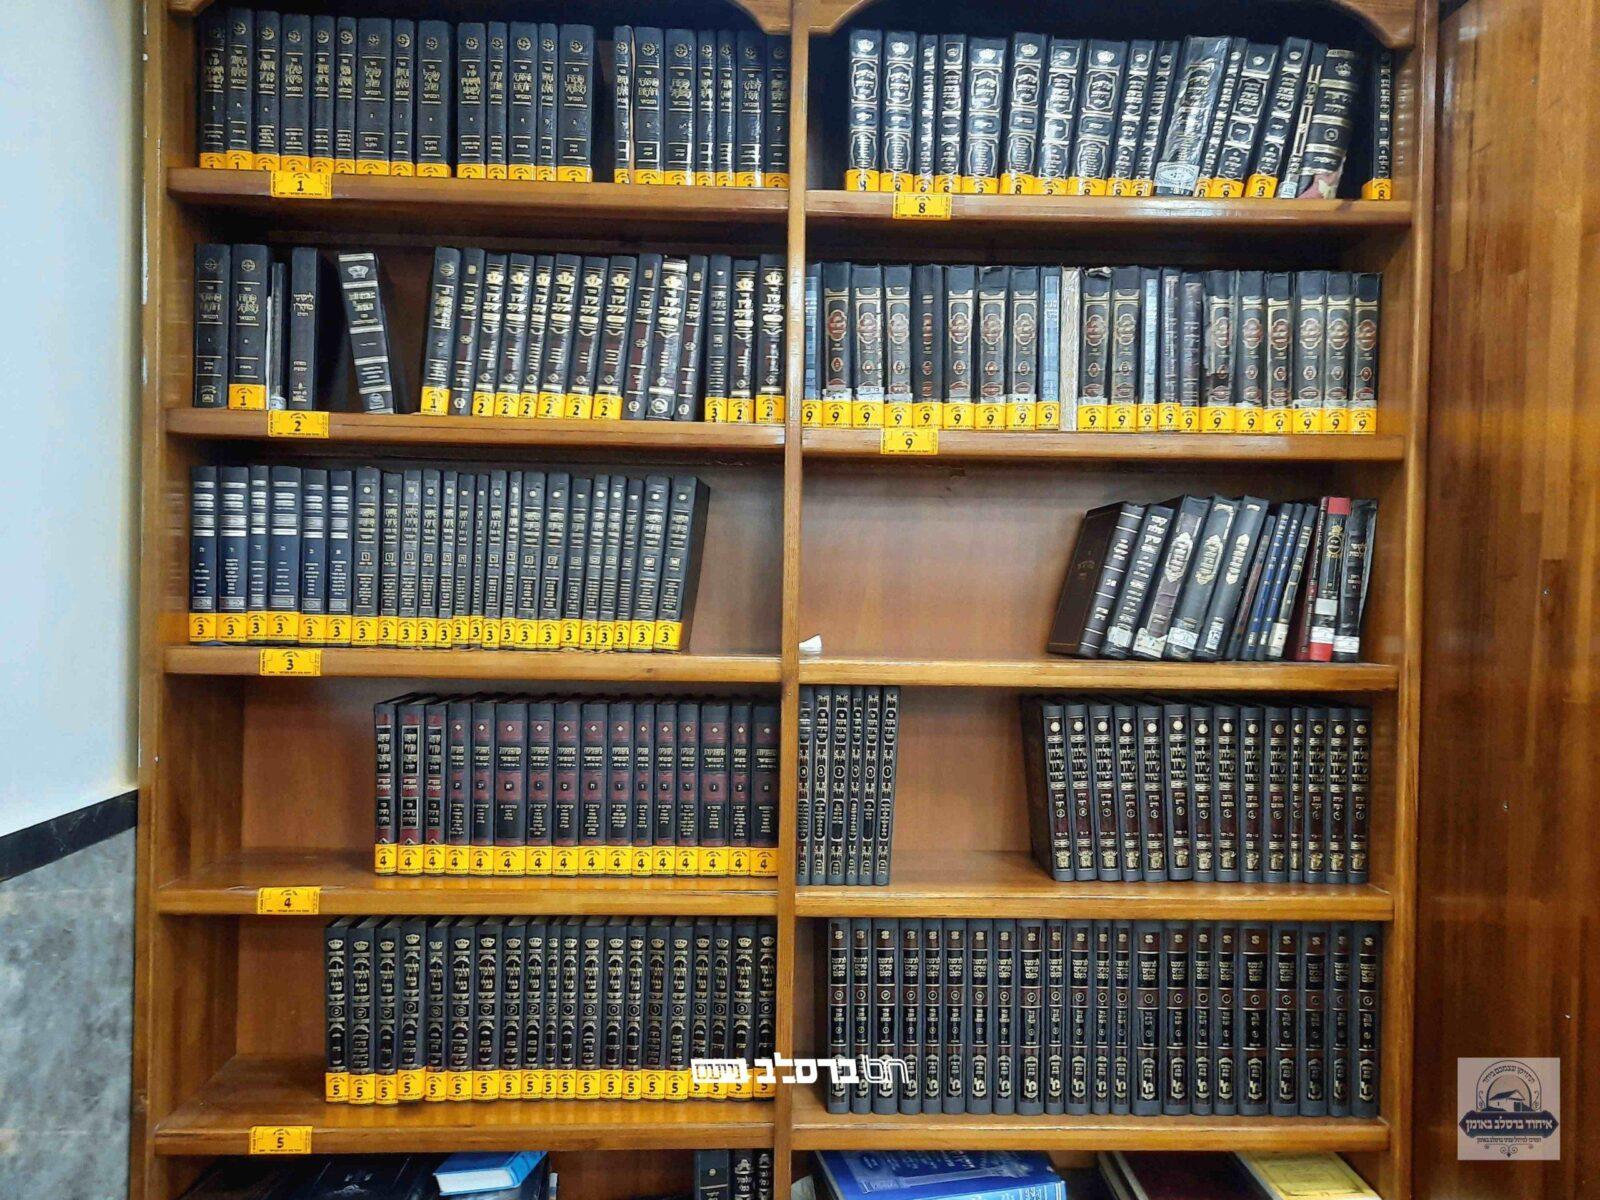 איחוד ברסלב באומן: חודש מלאי ענק של ספרי קודש בהיכל הכהנים שבציון רבינו הקדוש באומן